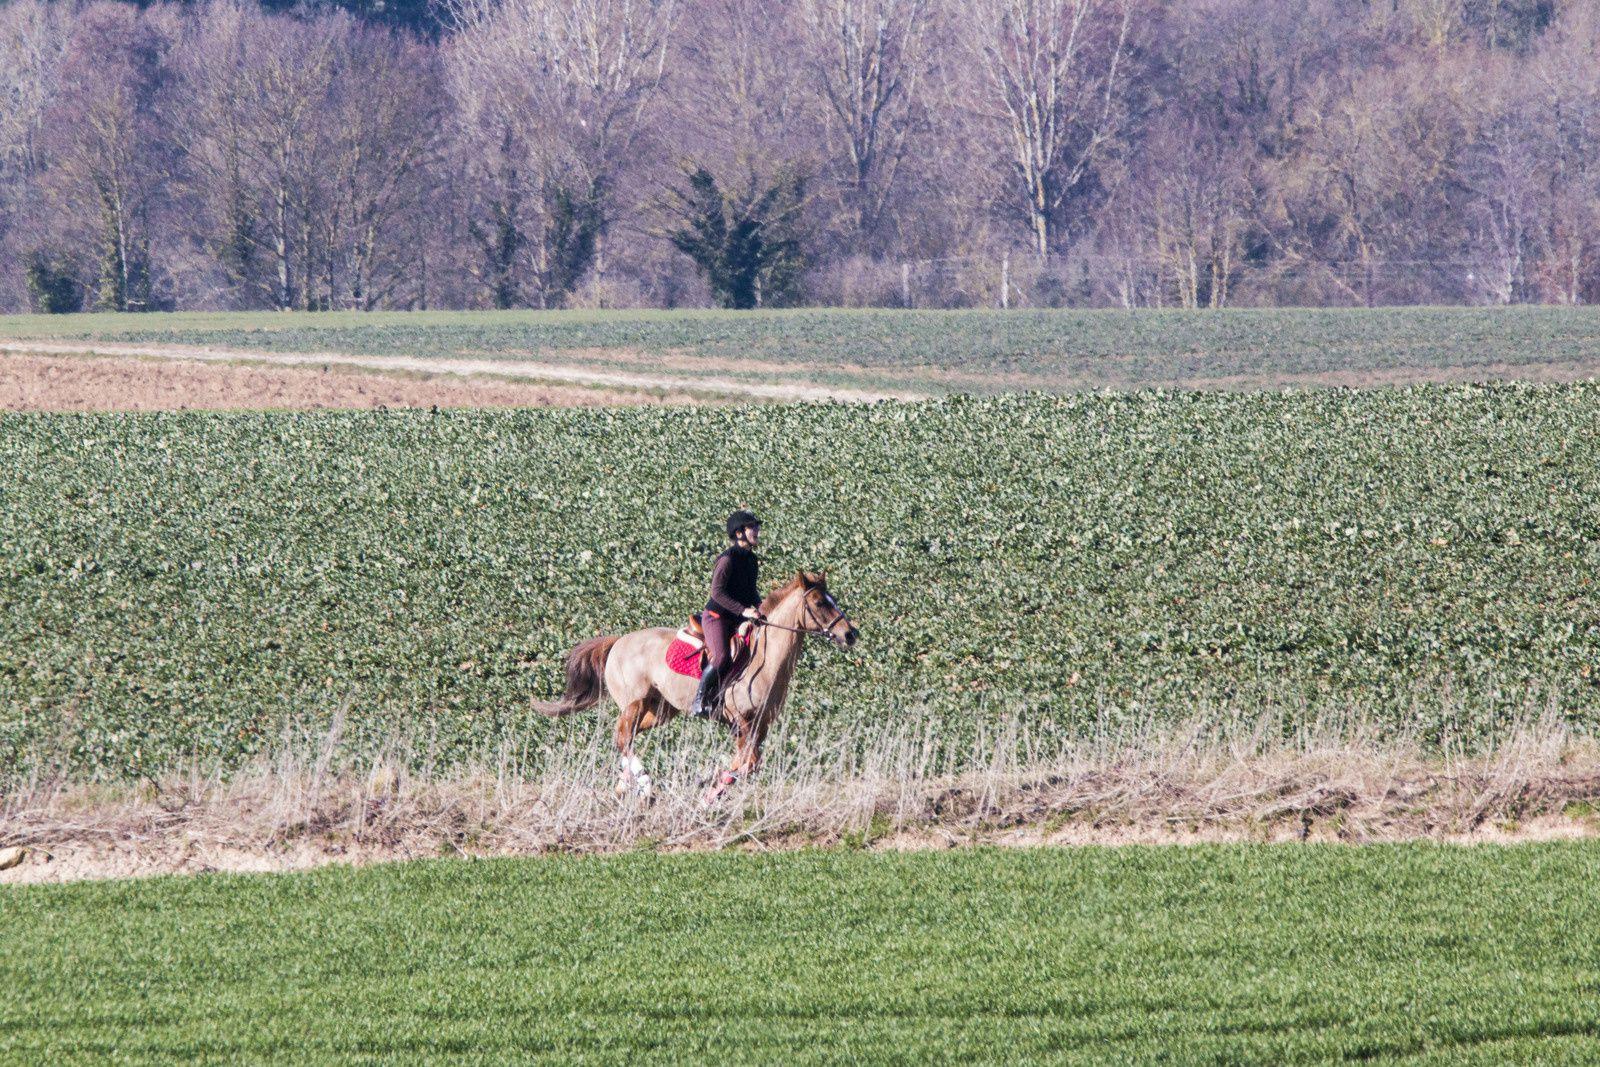 Beauté singulière d'une cavalière et sa monture. Elle fait corps avec son cheval, tous deux sont en parfaite harmonie sur ce long galop. Un bel instant.